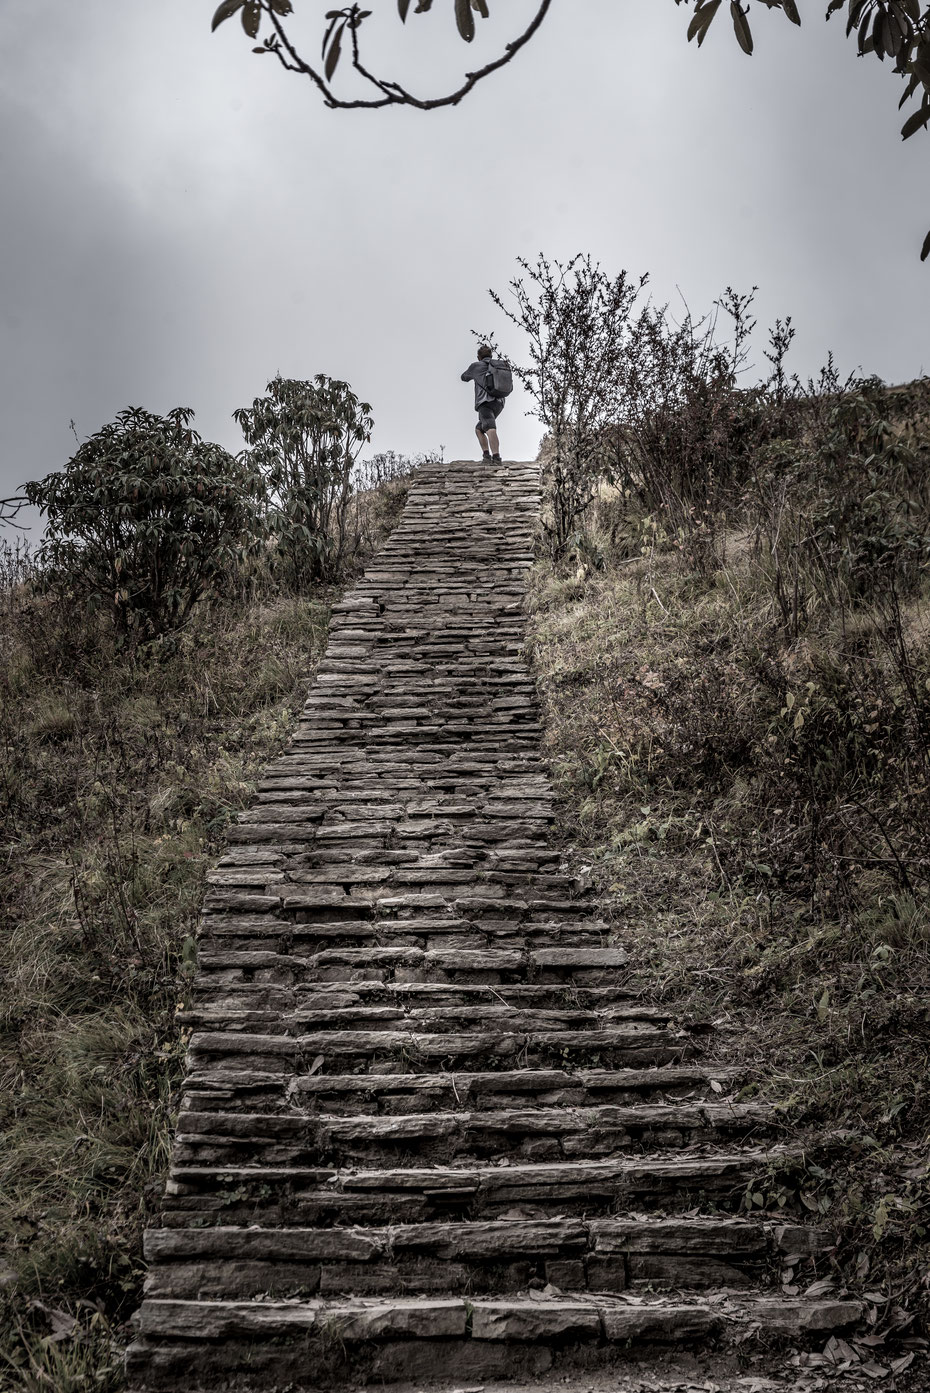 immer nach oben! Um die Wege gegen Erosion zu schützen werden in Nepal tausende Treppen angelegt... Die Wadenmuskulatur freut sich!  Etwa 22.000 haben wir auf- und abwärts bezwungen!